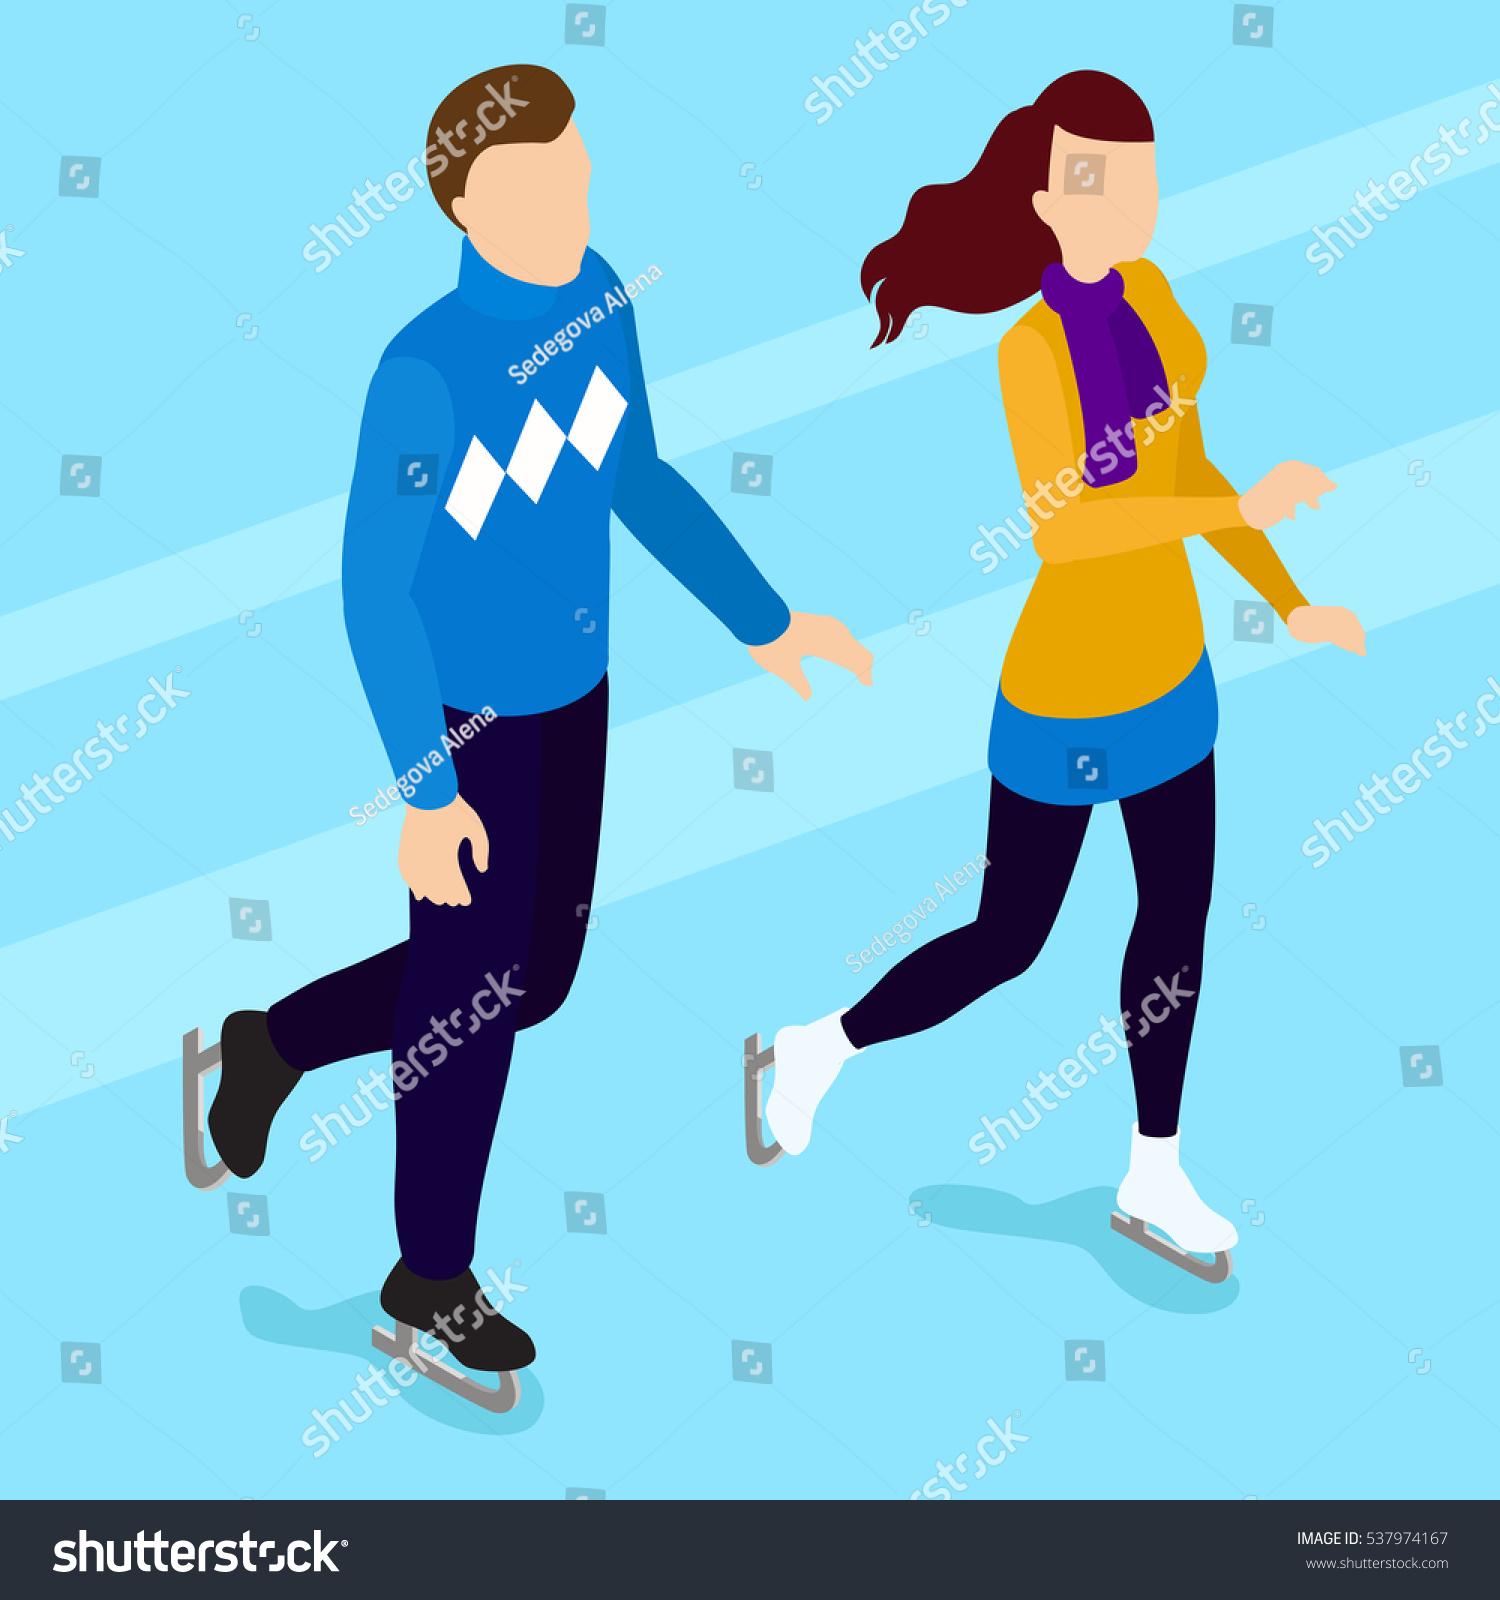 Skating People Skating Couplewalking Isometric People Stock Vector